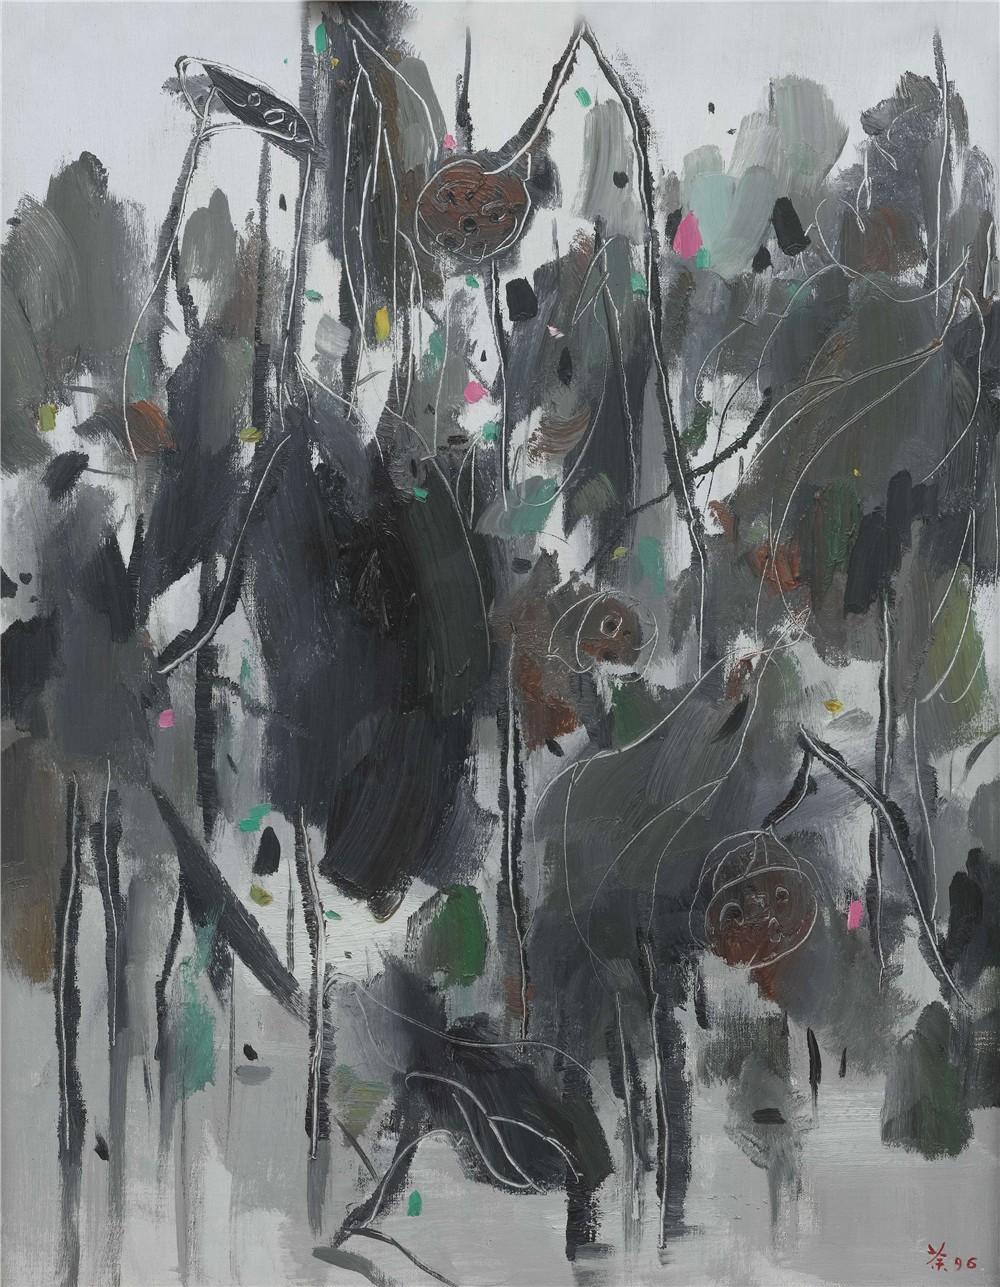 荷塘春秋 1996年 吳冠中 92×73厘米 油畫 中國美術館藏